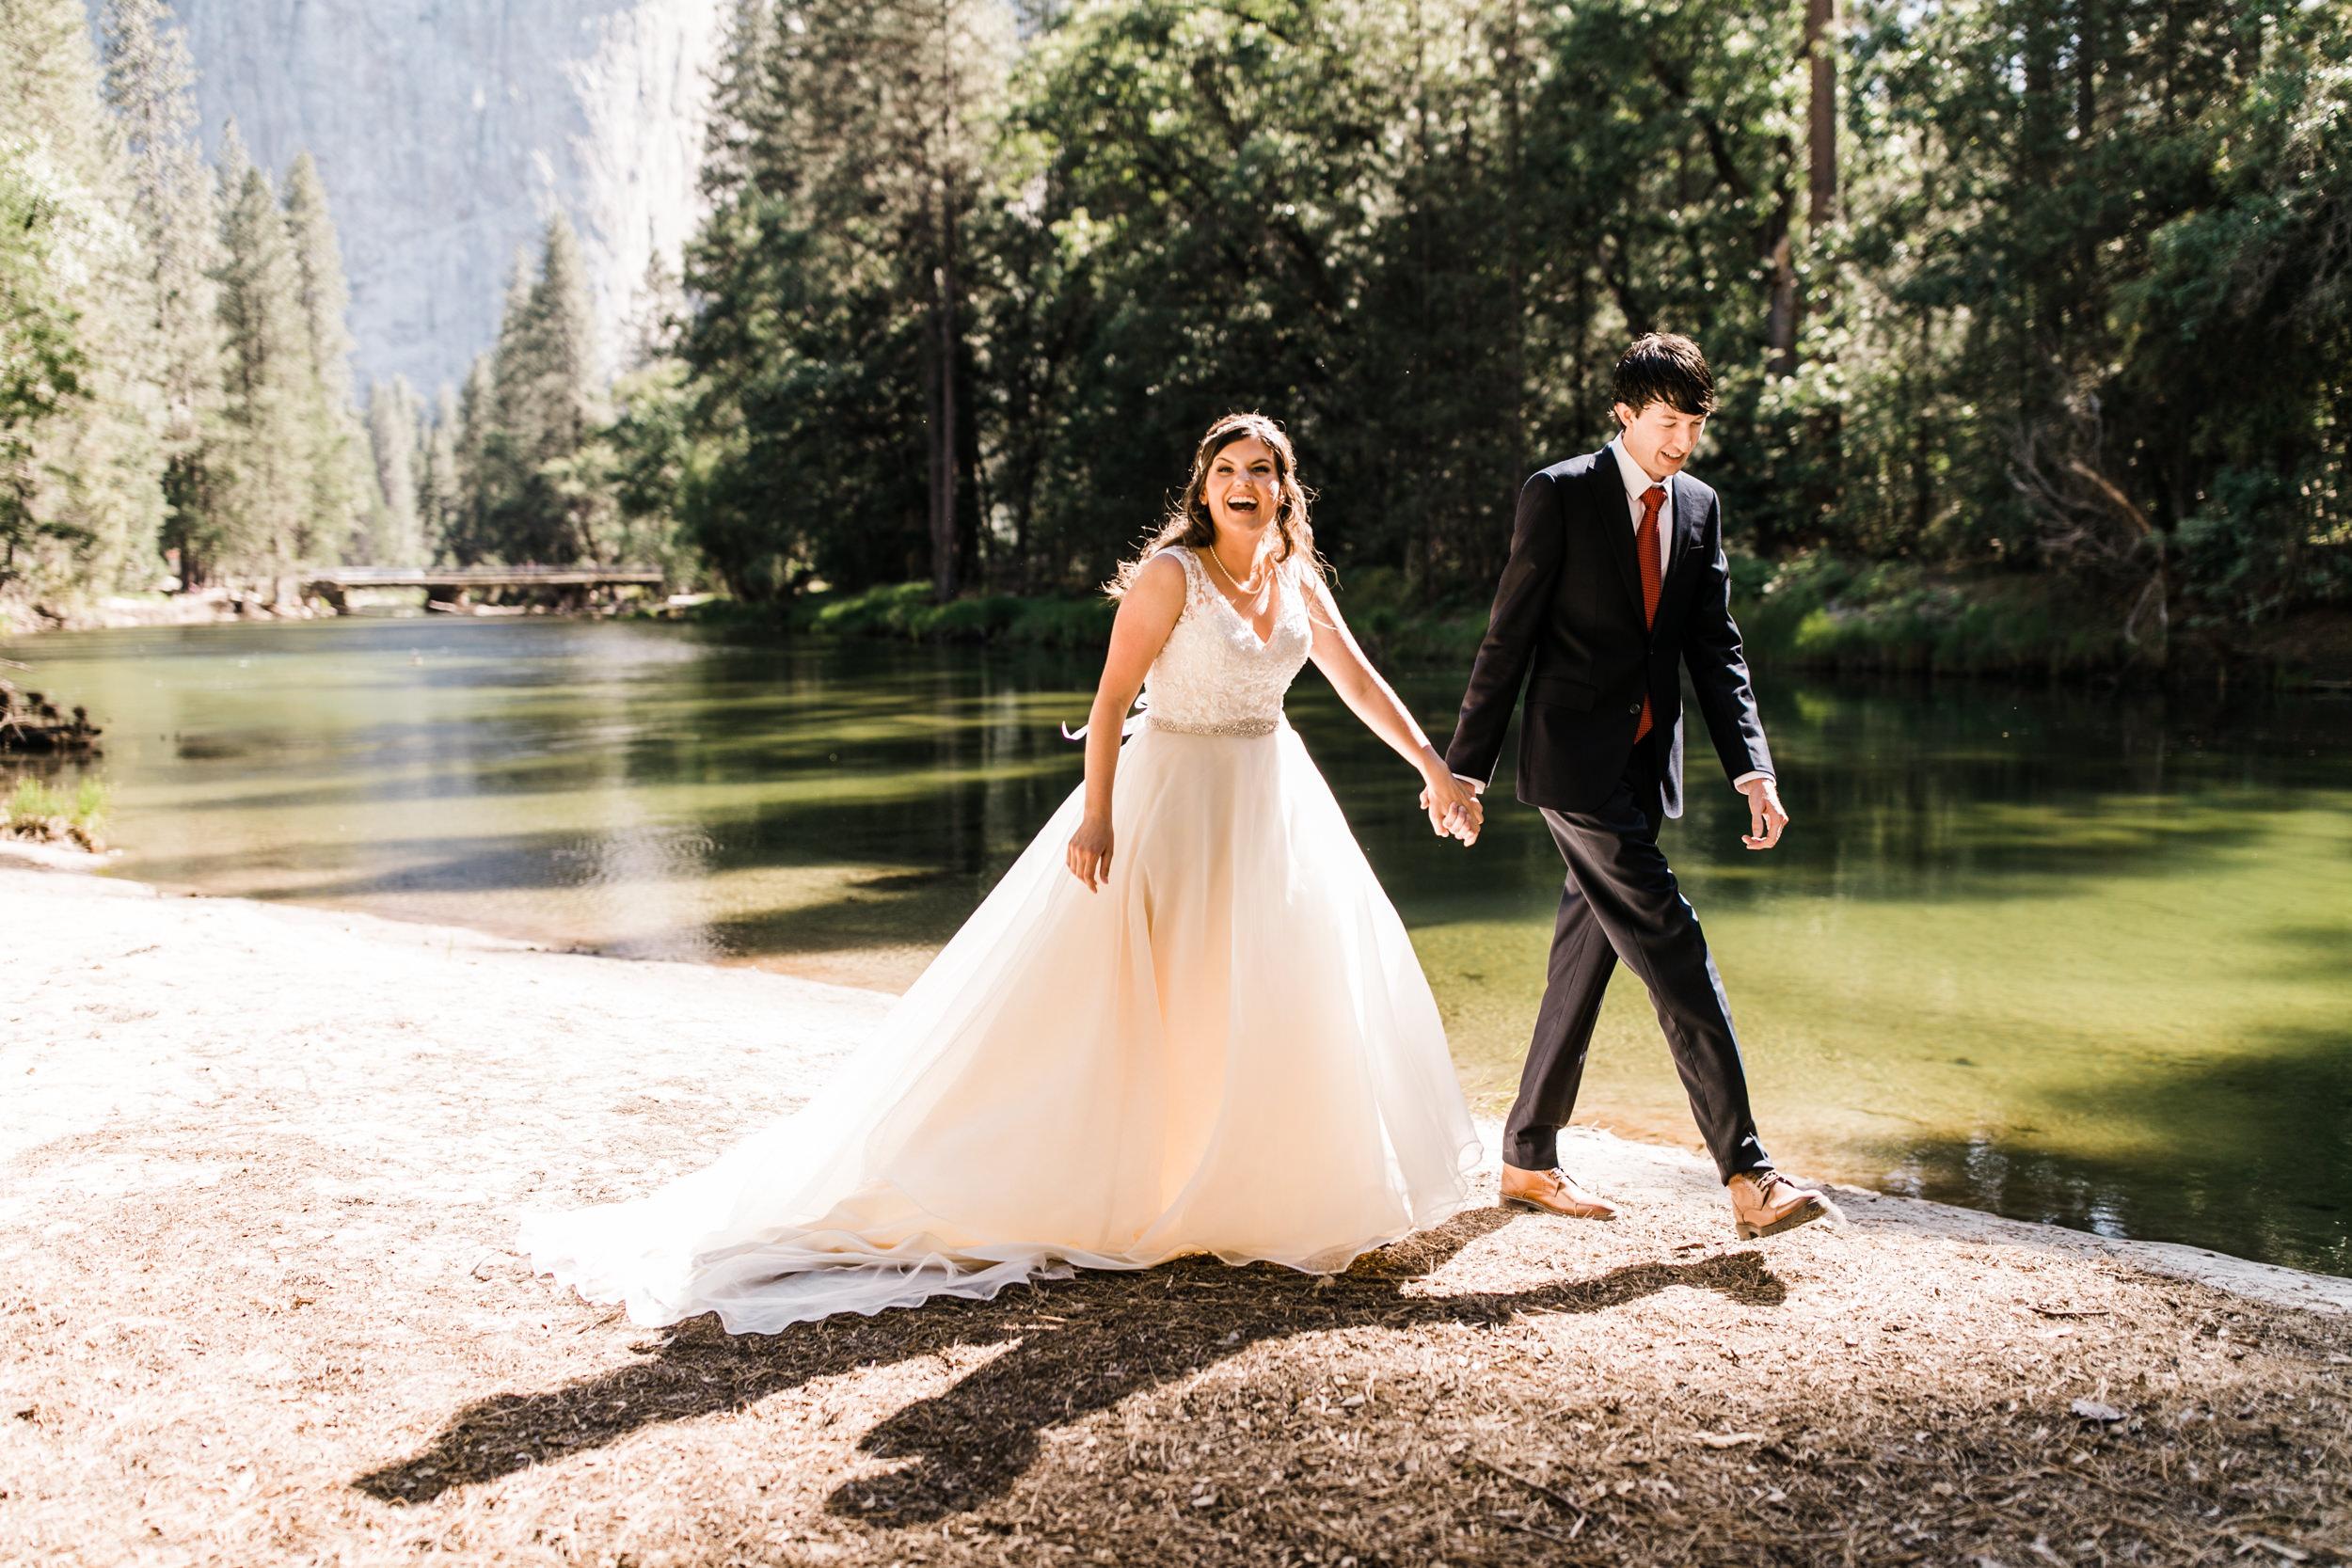 samantha + ben's elopement in yosemite valley | adventure wedding portraits at glacier point | national park elopement photographer | yosemite wedding photographer